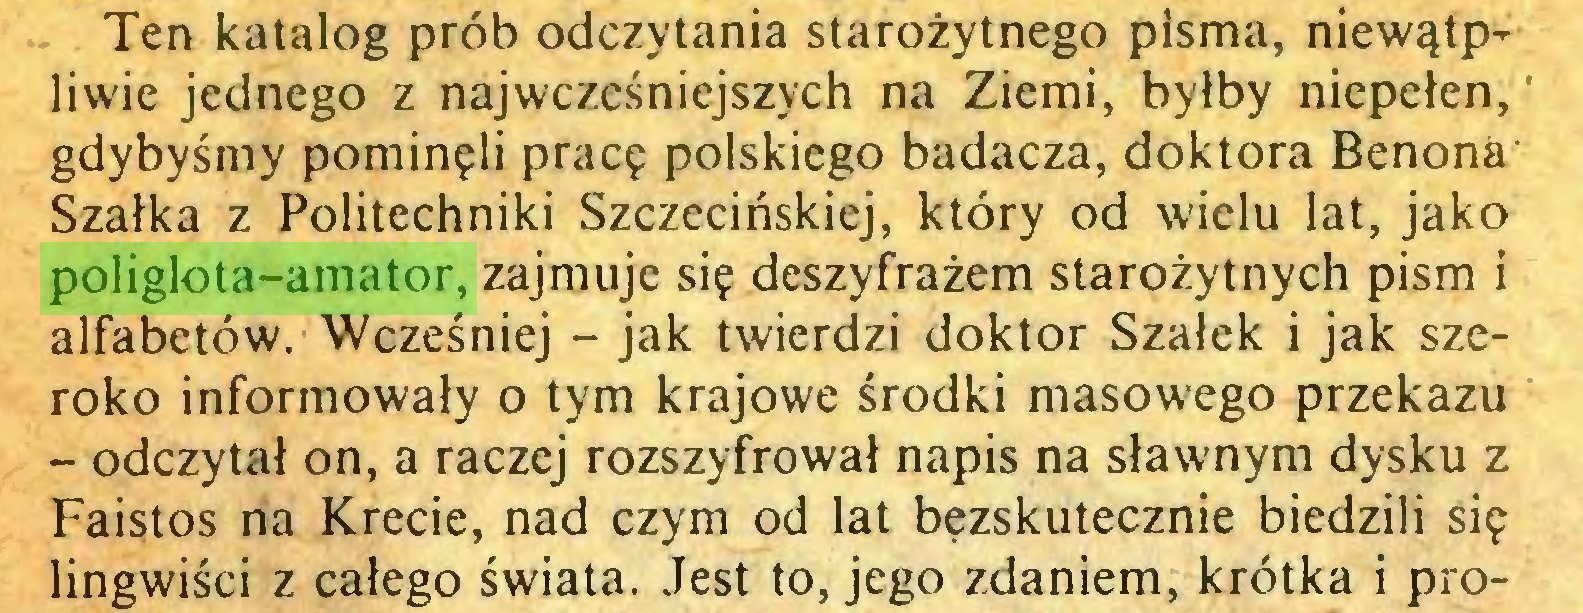 (...) Ten katalog prób odczytania starożytnego pisma, niewątpliwie jednego z najwcześniejszych na Ziemi, byłby niepełen, * gdybyśmy pominęli pracę polskiego badacza, doktora Benona' Szalka z Politechniki Szczecińskiej, który od wielu lat, jako poliglota-amator, zajmuje się deszyfrażem starożytnych pism i alfabetów. Wcześniej - jak twierdzi doktor Szalek i jak szeroko informowały o tym krajowe środki masowego przekazu - odczytał on, a raczej rozszyfrował napis na sławnym dysku z Faistos na Krecie, nad czym od lat bezskutecznie biedzili się lingwiści z całego świata. Jest to, jego zdaniem, krótka i pro...